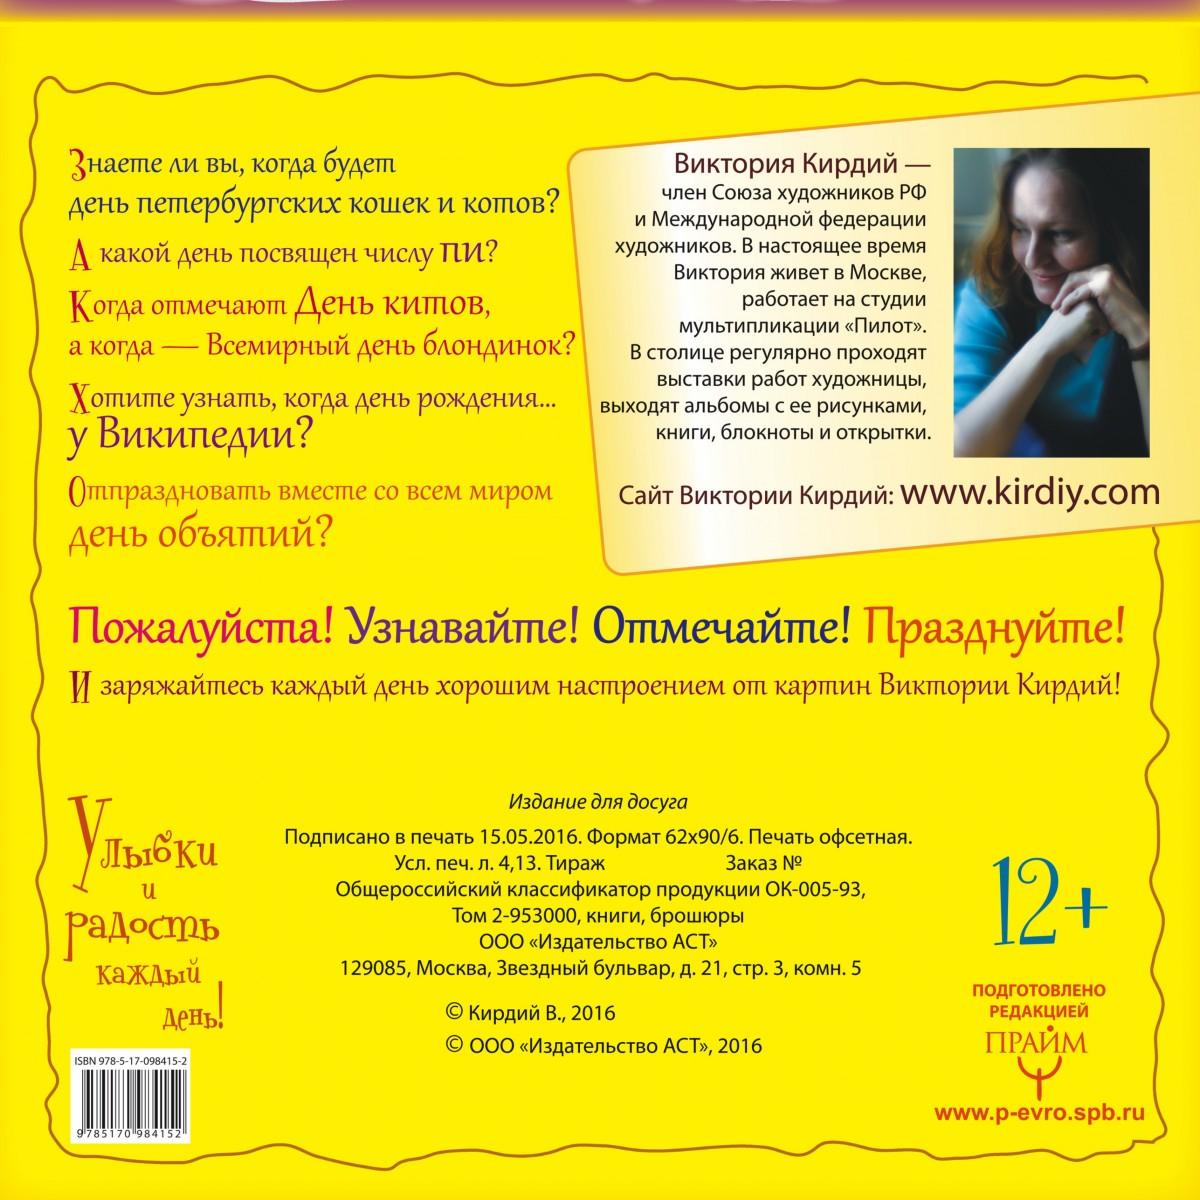 издание печать рф в 2017 году